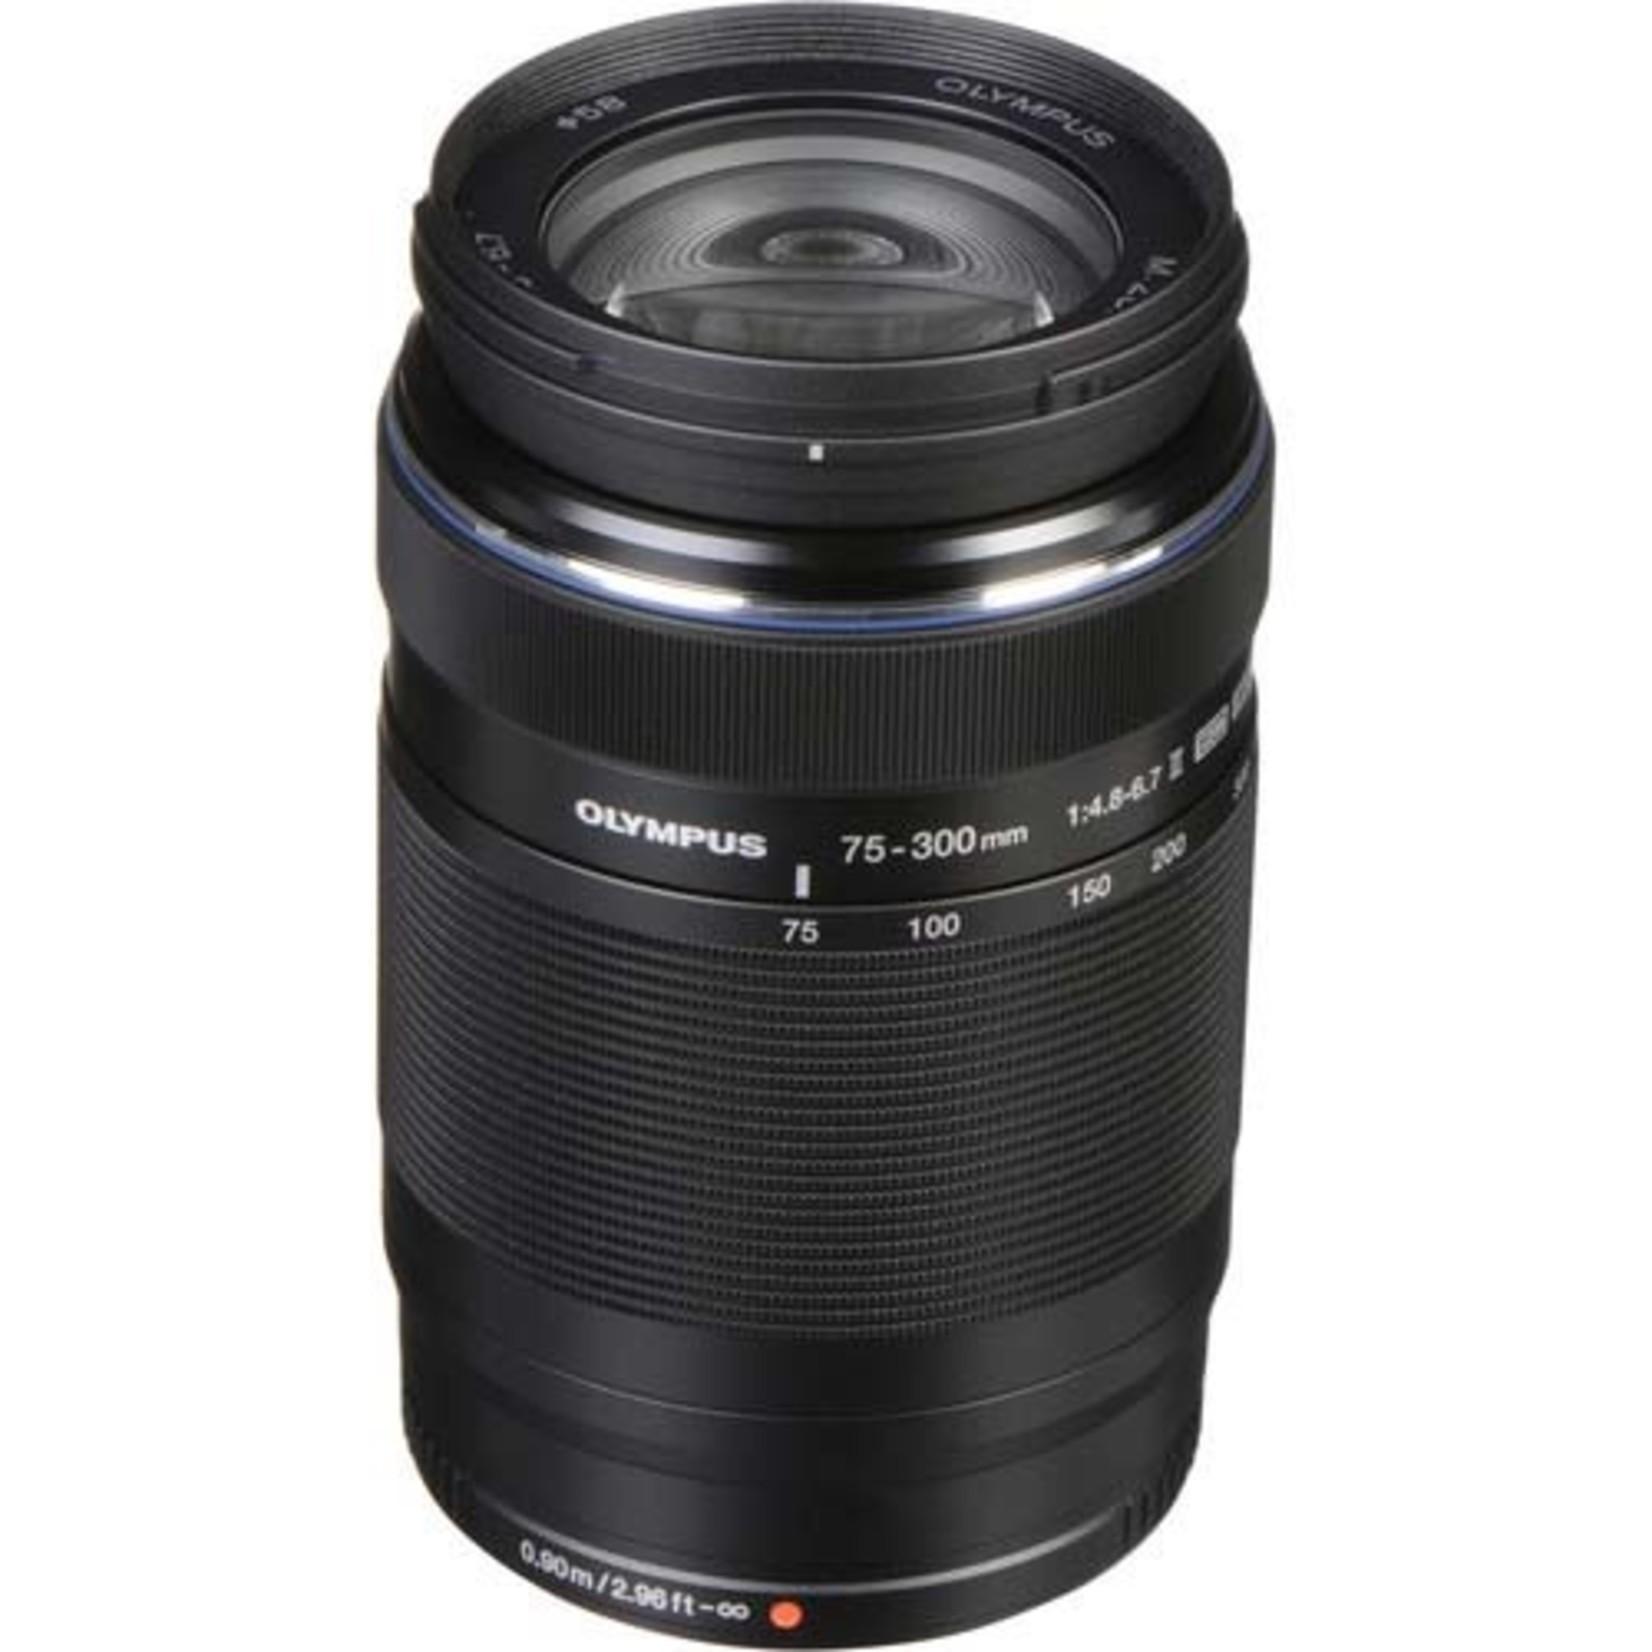 Olympus Olympus 75-300mm f4.8-6.7 II LENS BLK